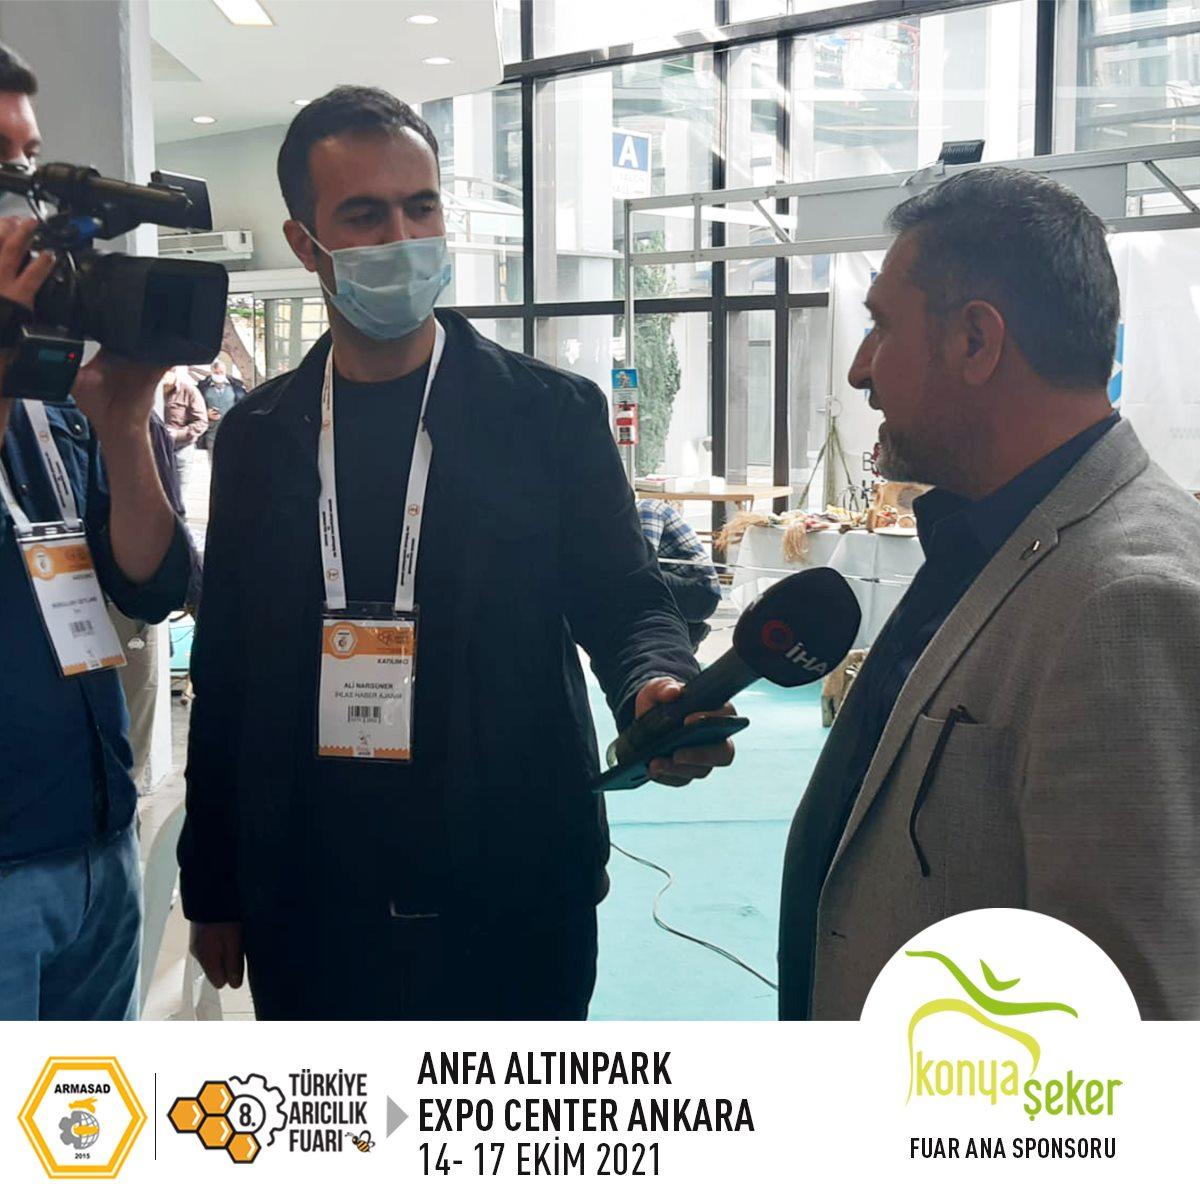 Armasad 8.Türkiye Arıcılık Fuarı 2021 ANKARA Altınpark fuar alanı, ihlas haber ajansı